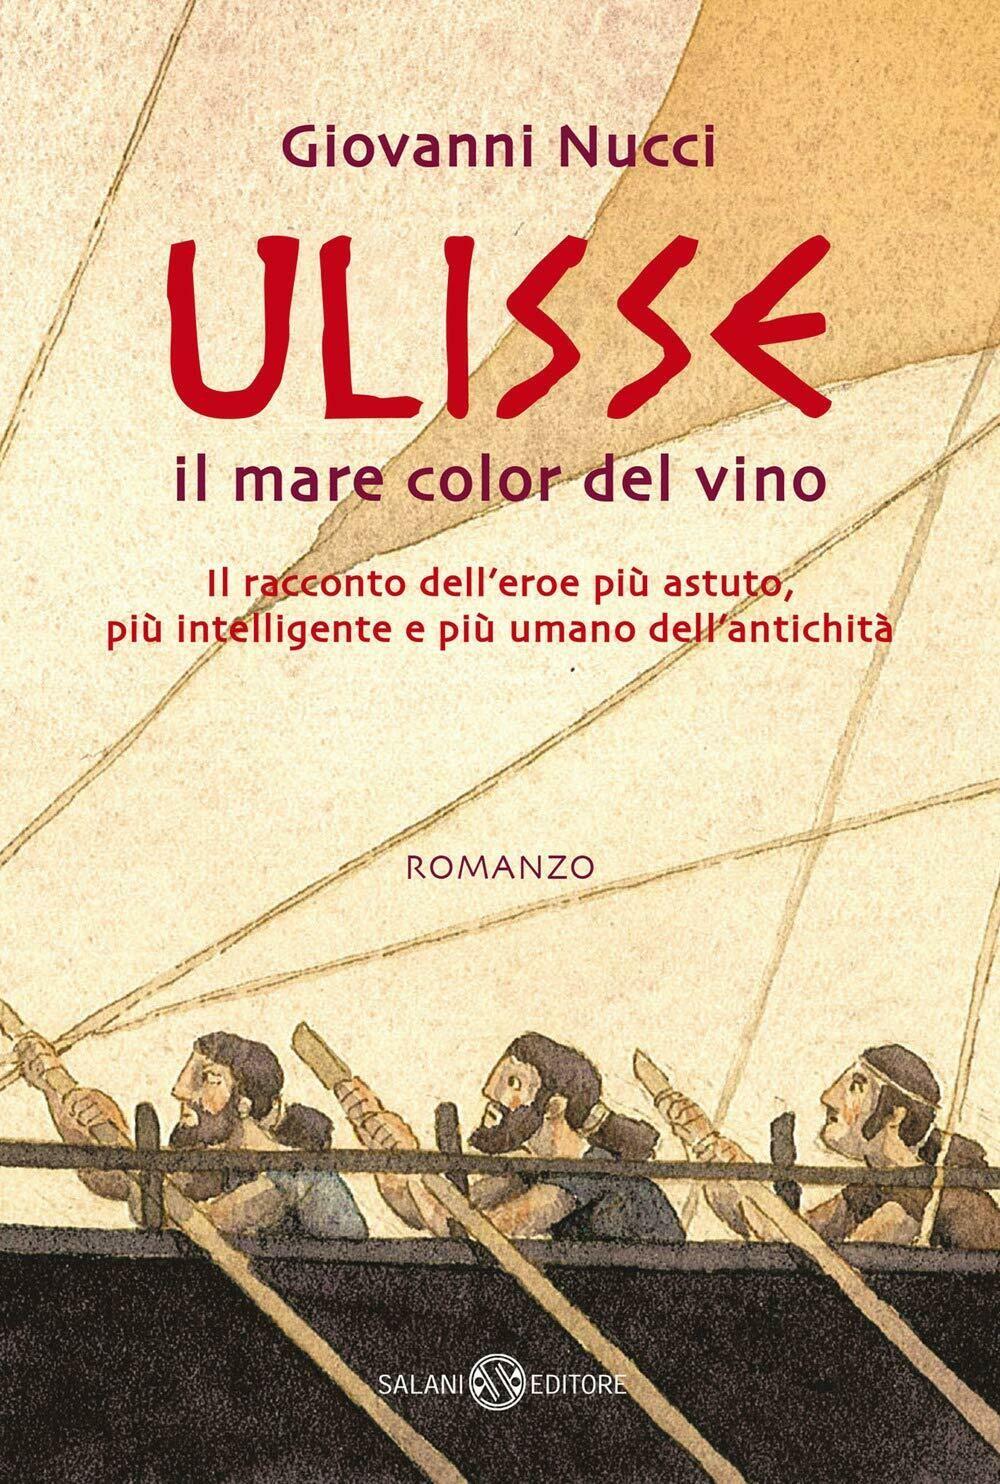 Ulisse. Il mare color del vino